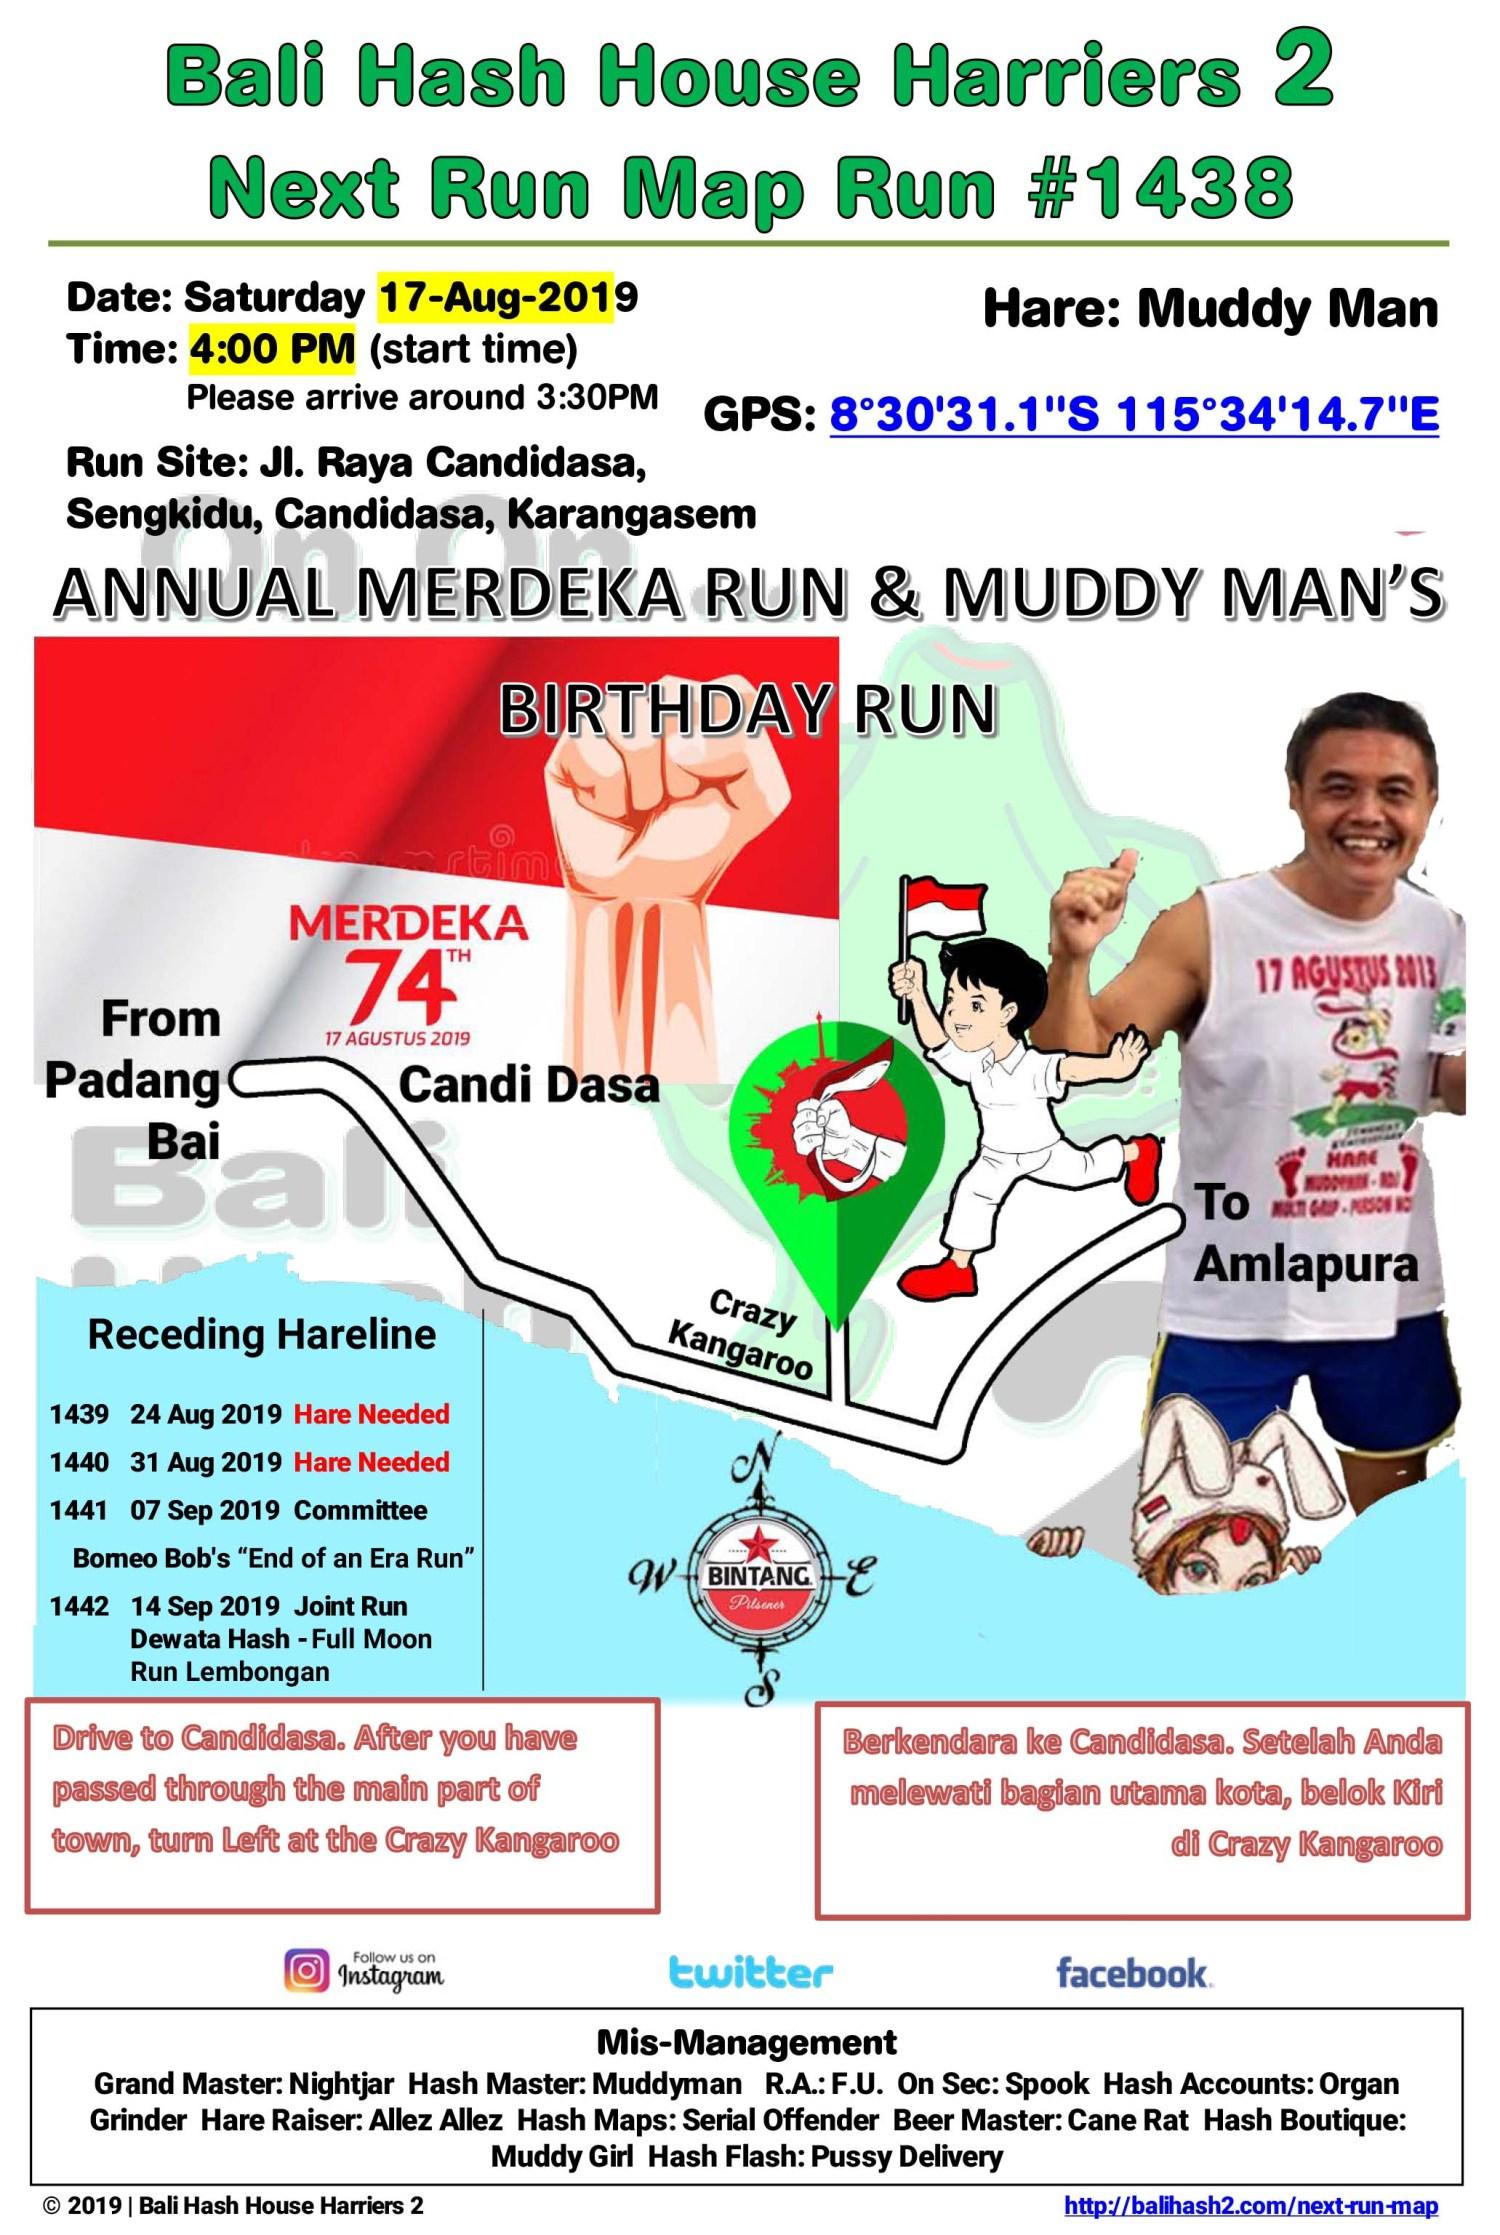 Bali Hash 2 Next Run Map #1438 Hari Merdeka Run Candi Dasa